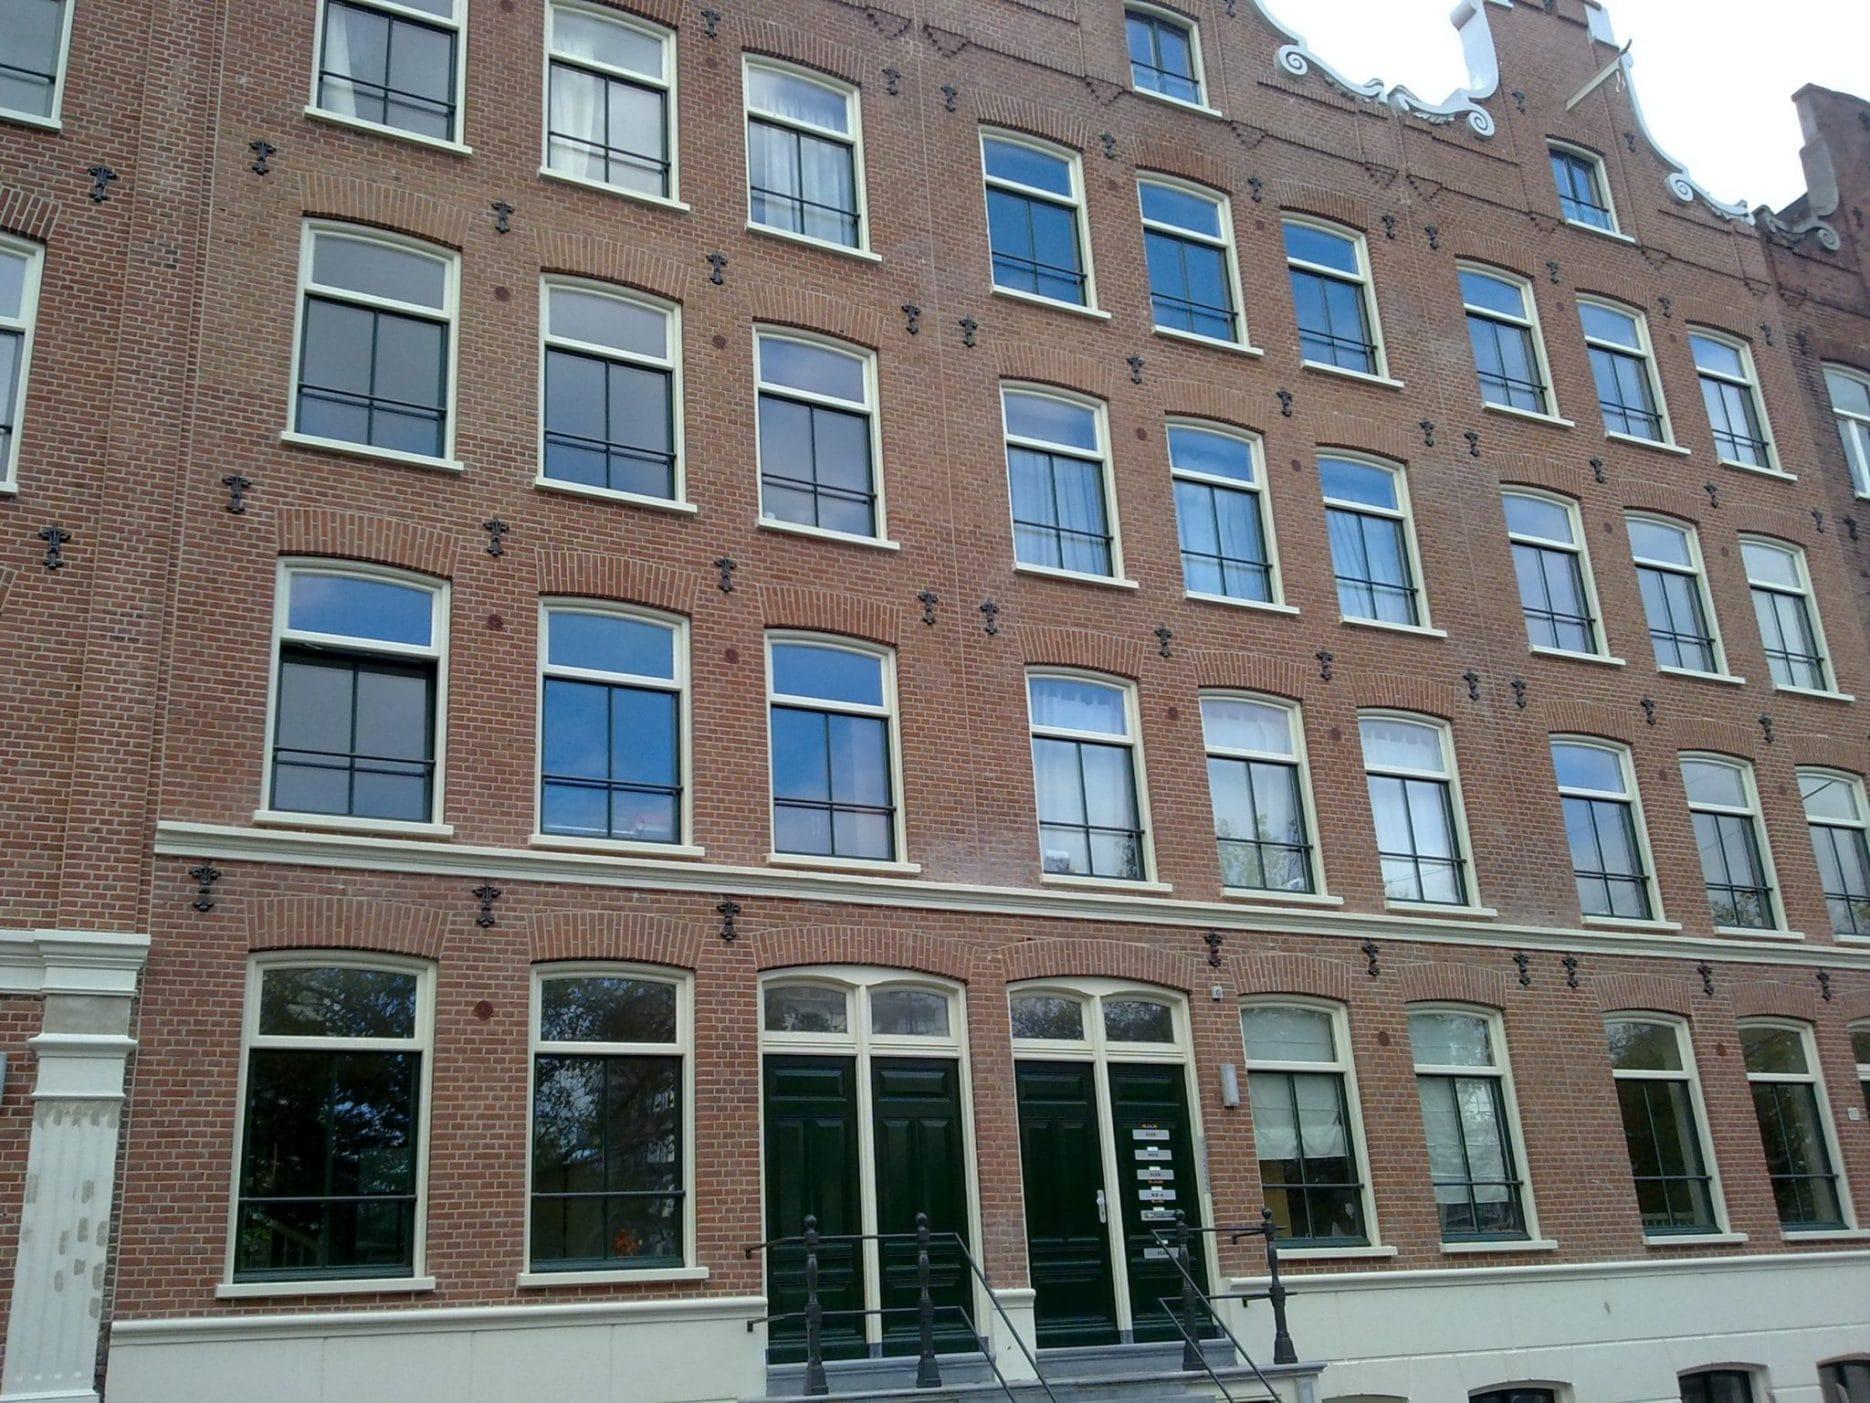 Dubbelglas Amsterdam